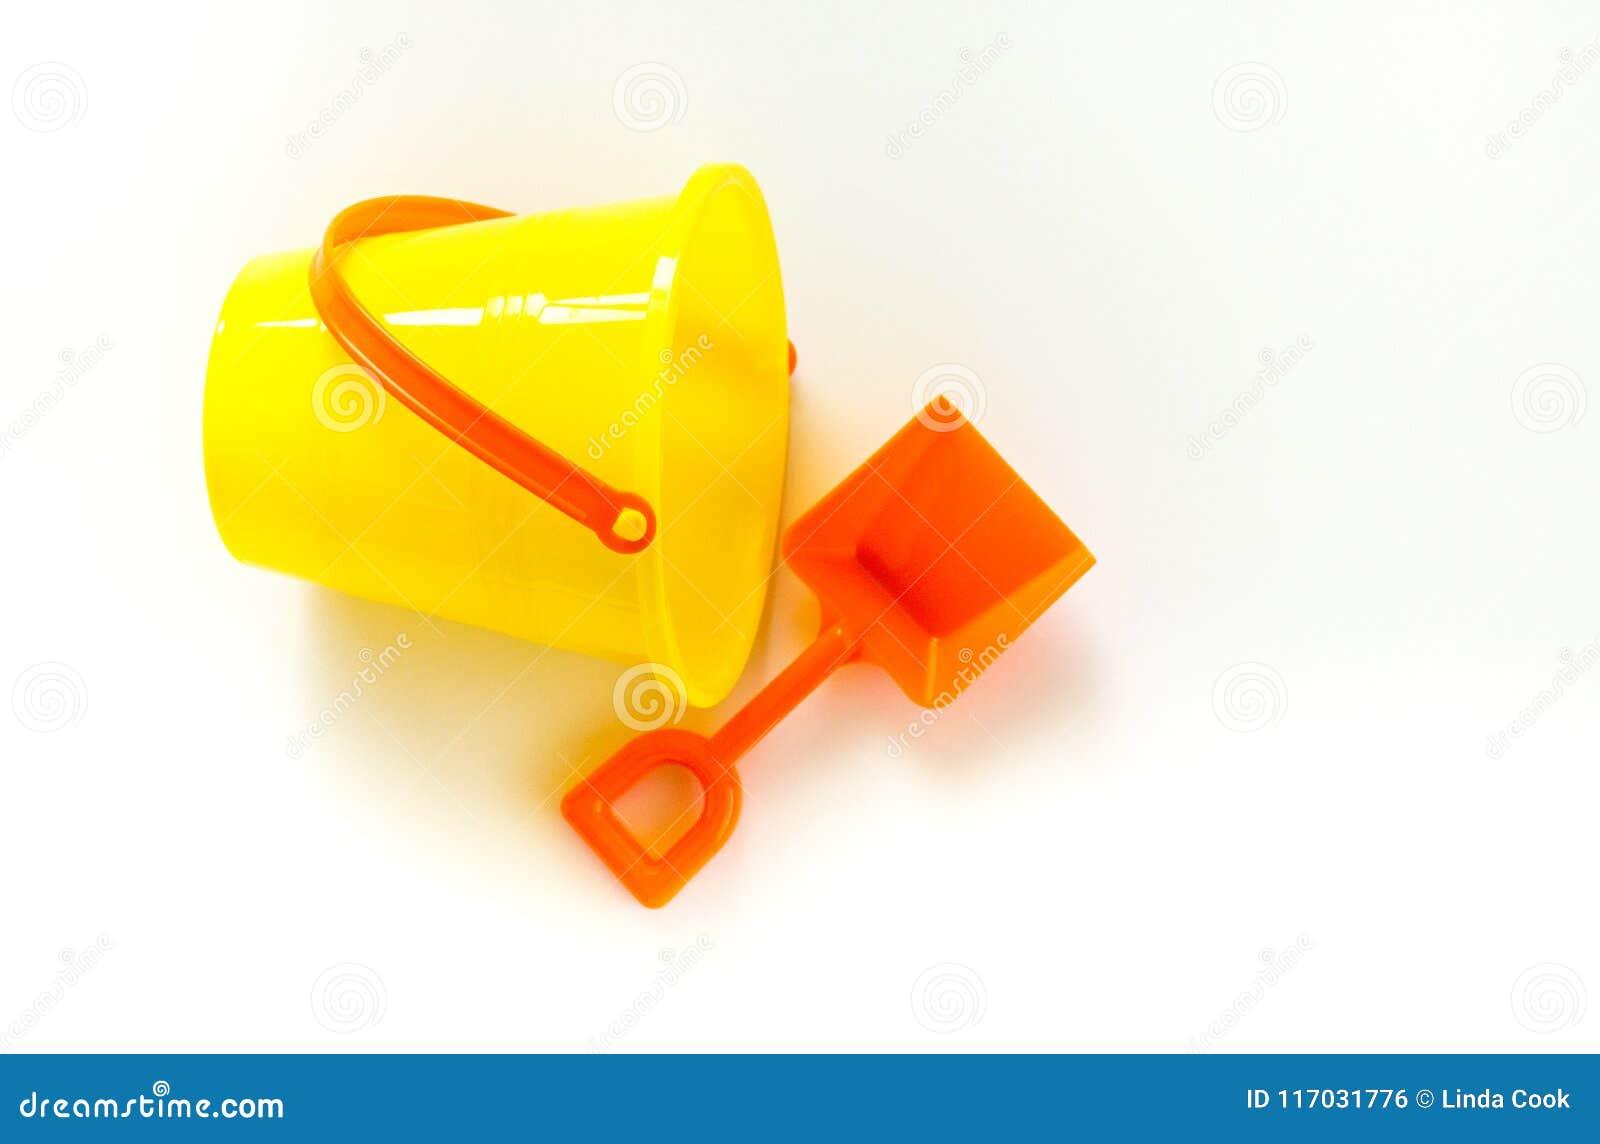 Φωτεινός κίτρινος κάδος και πορτοκαλί φτυάρι που απομονώνονται στο λευκό